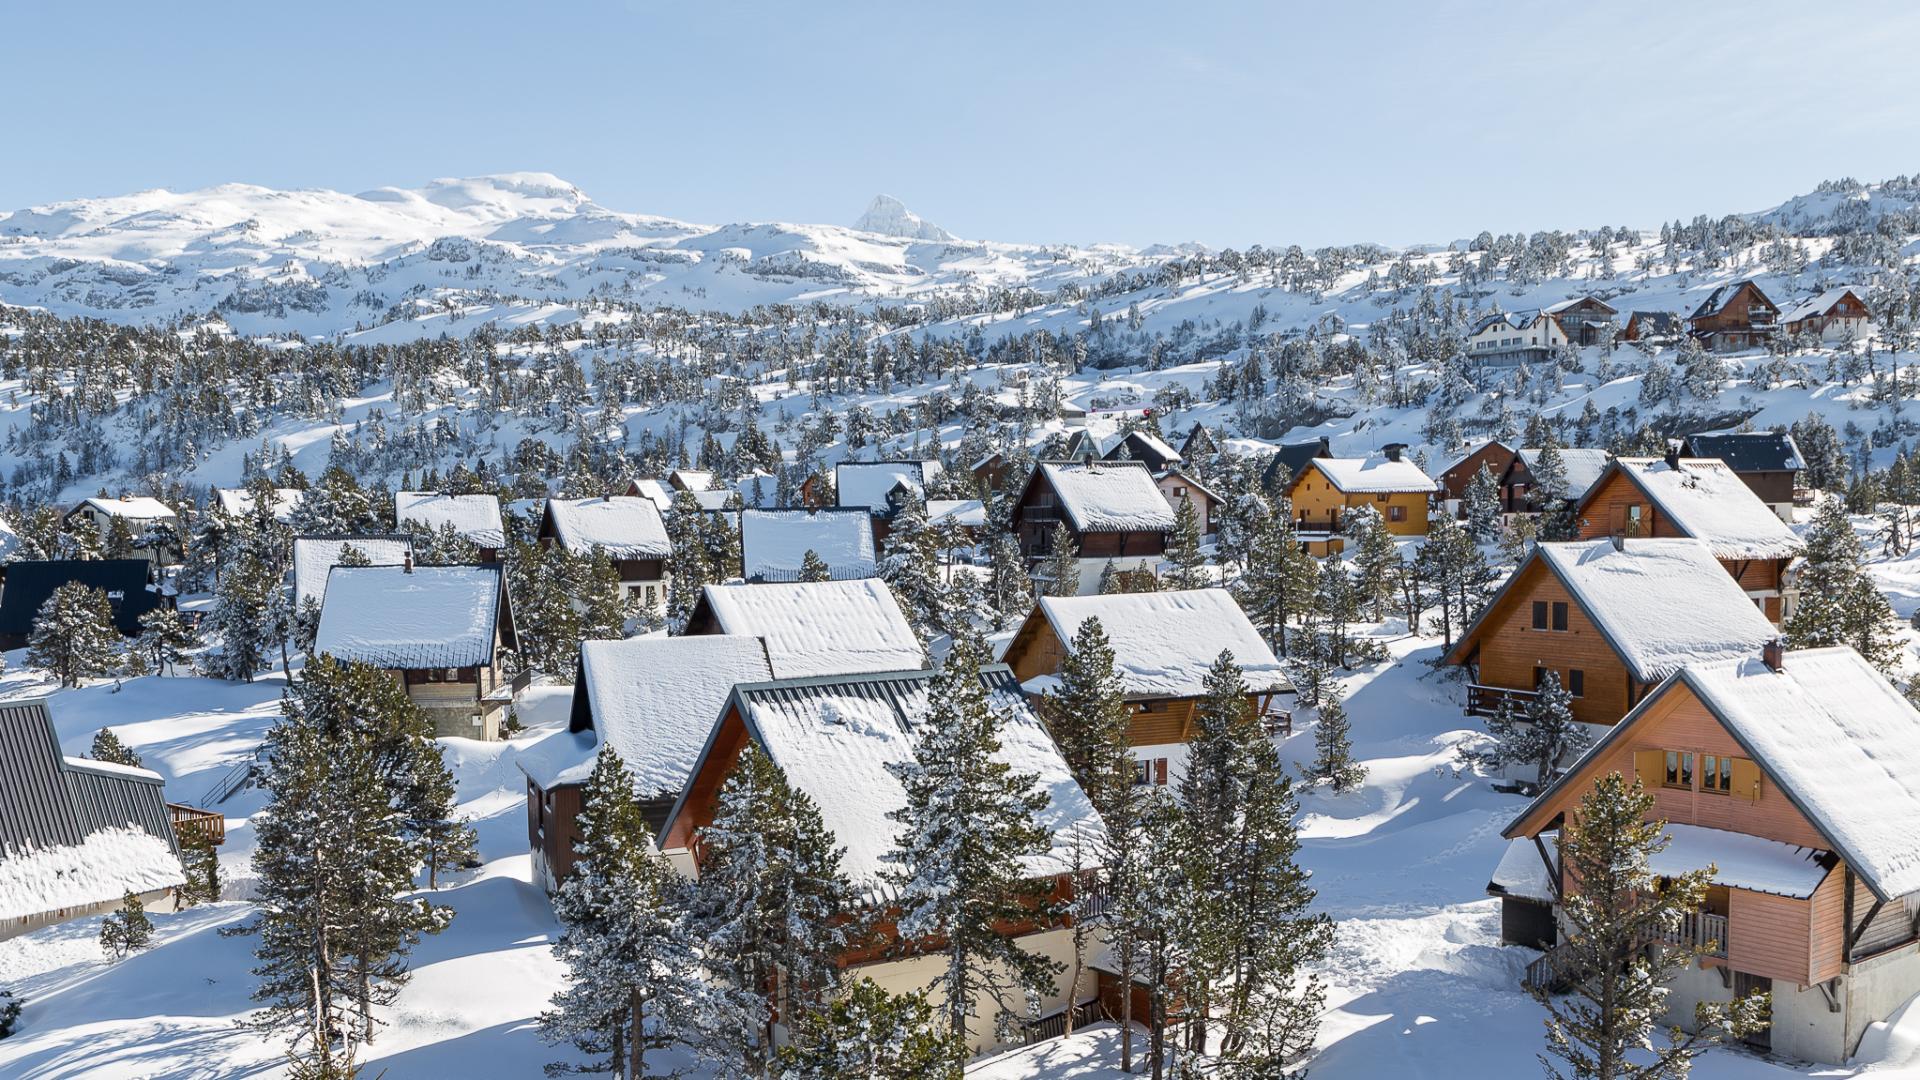 Vue sur le village de chalets de La Pierre Saint-Martin en hiver